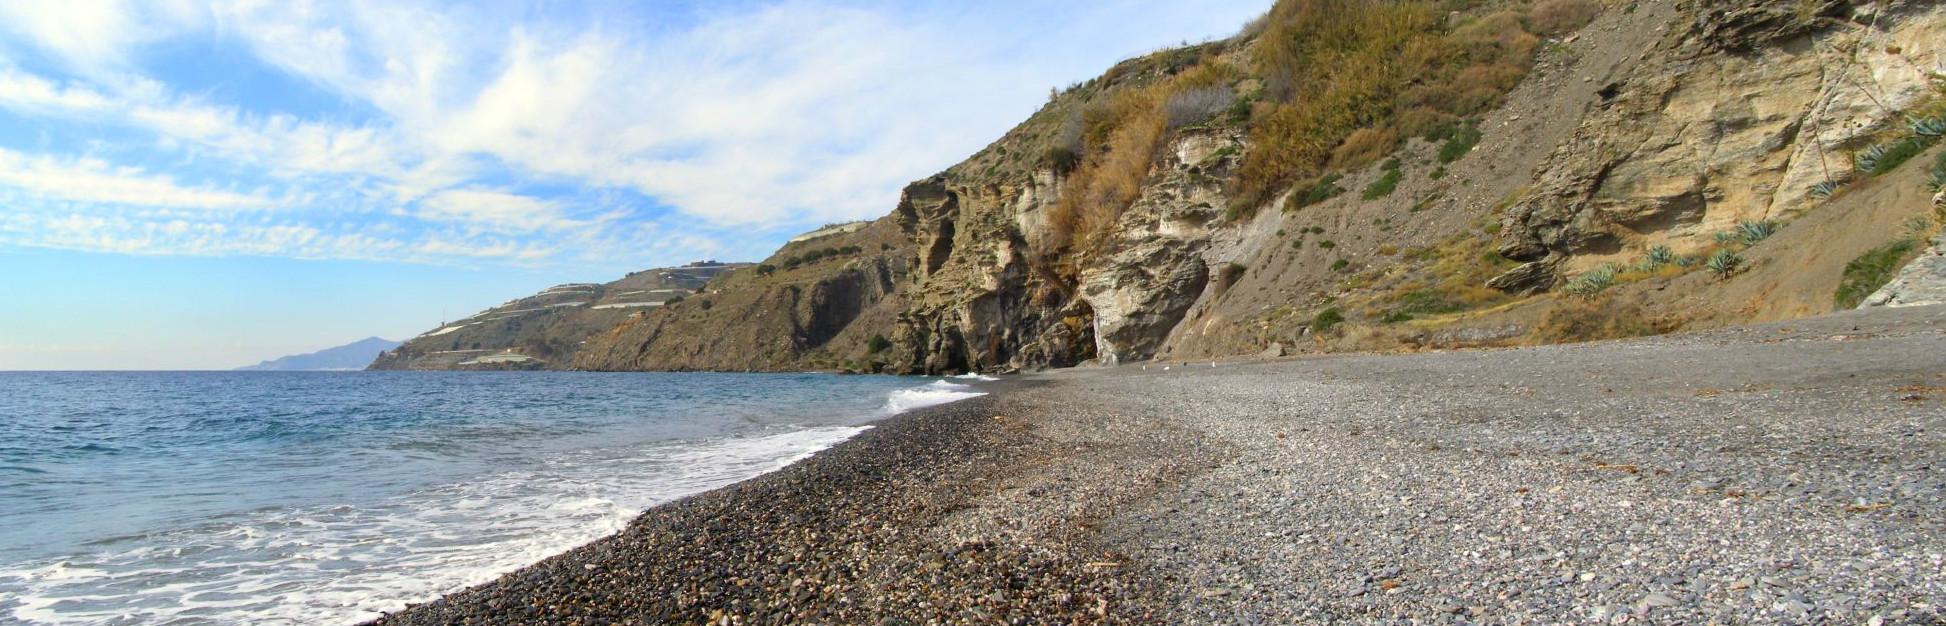 Beach of El Ruso